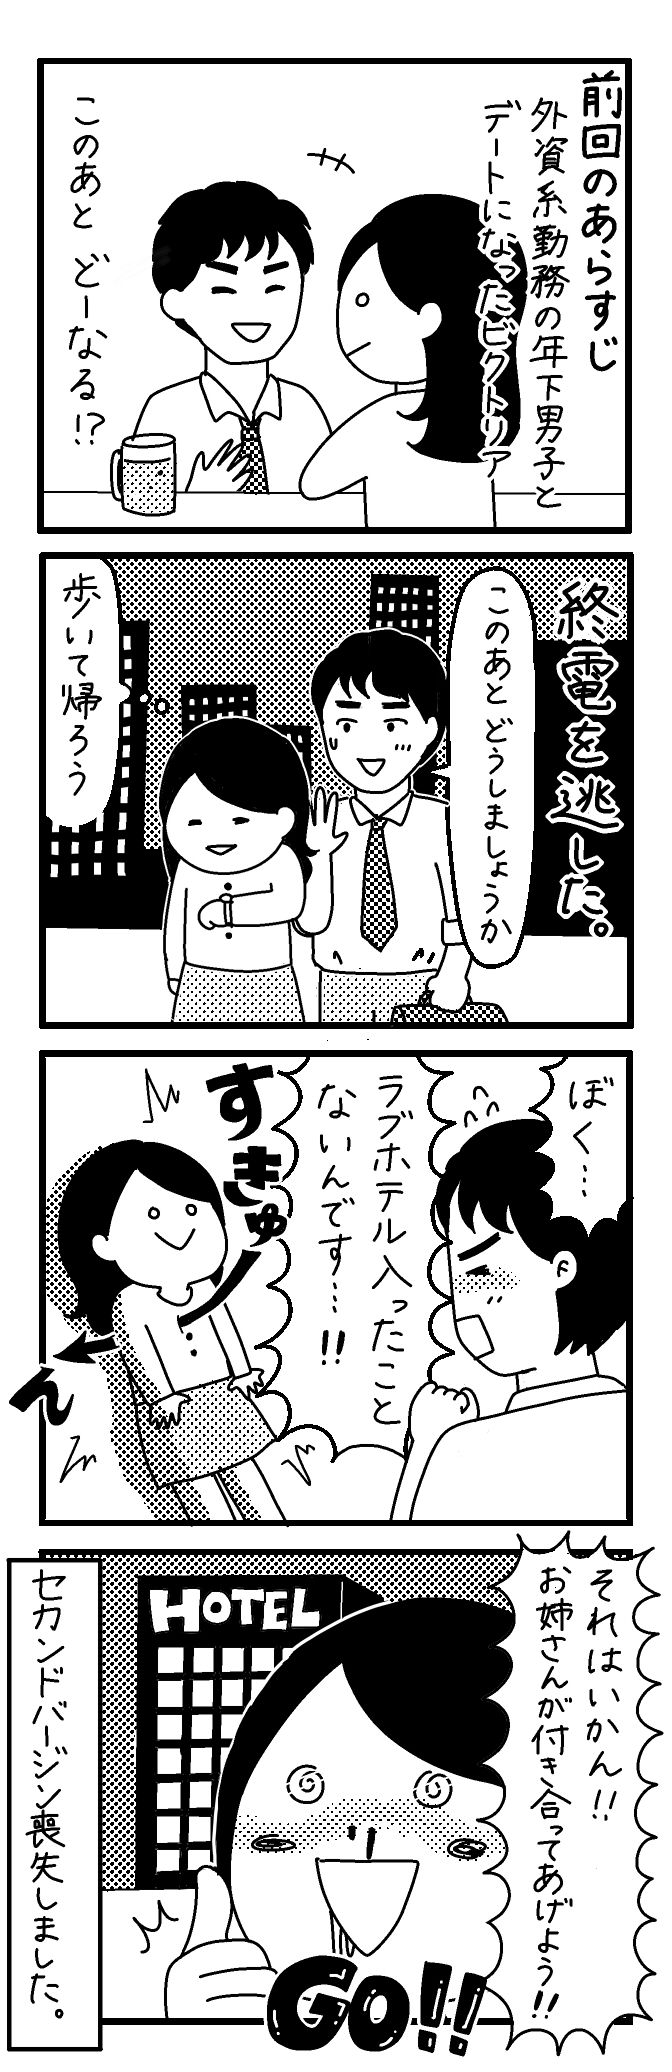 【4コマ漫画】第30回「ビクトリアな日々」作:ビクトリアブラディーヌ